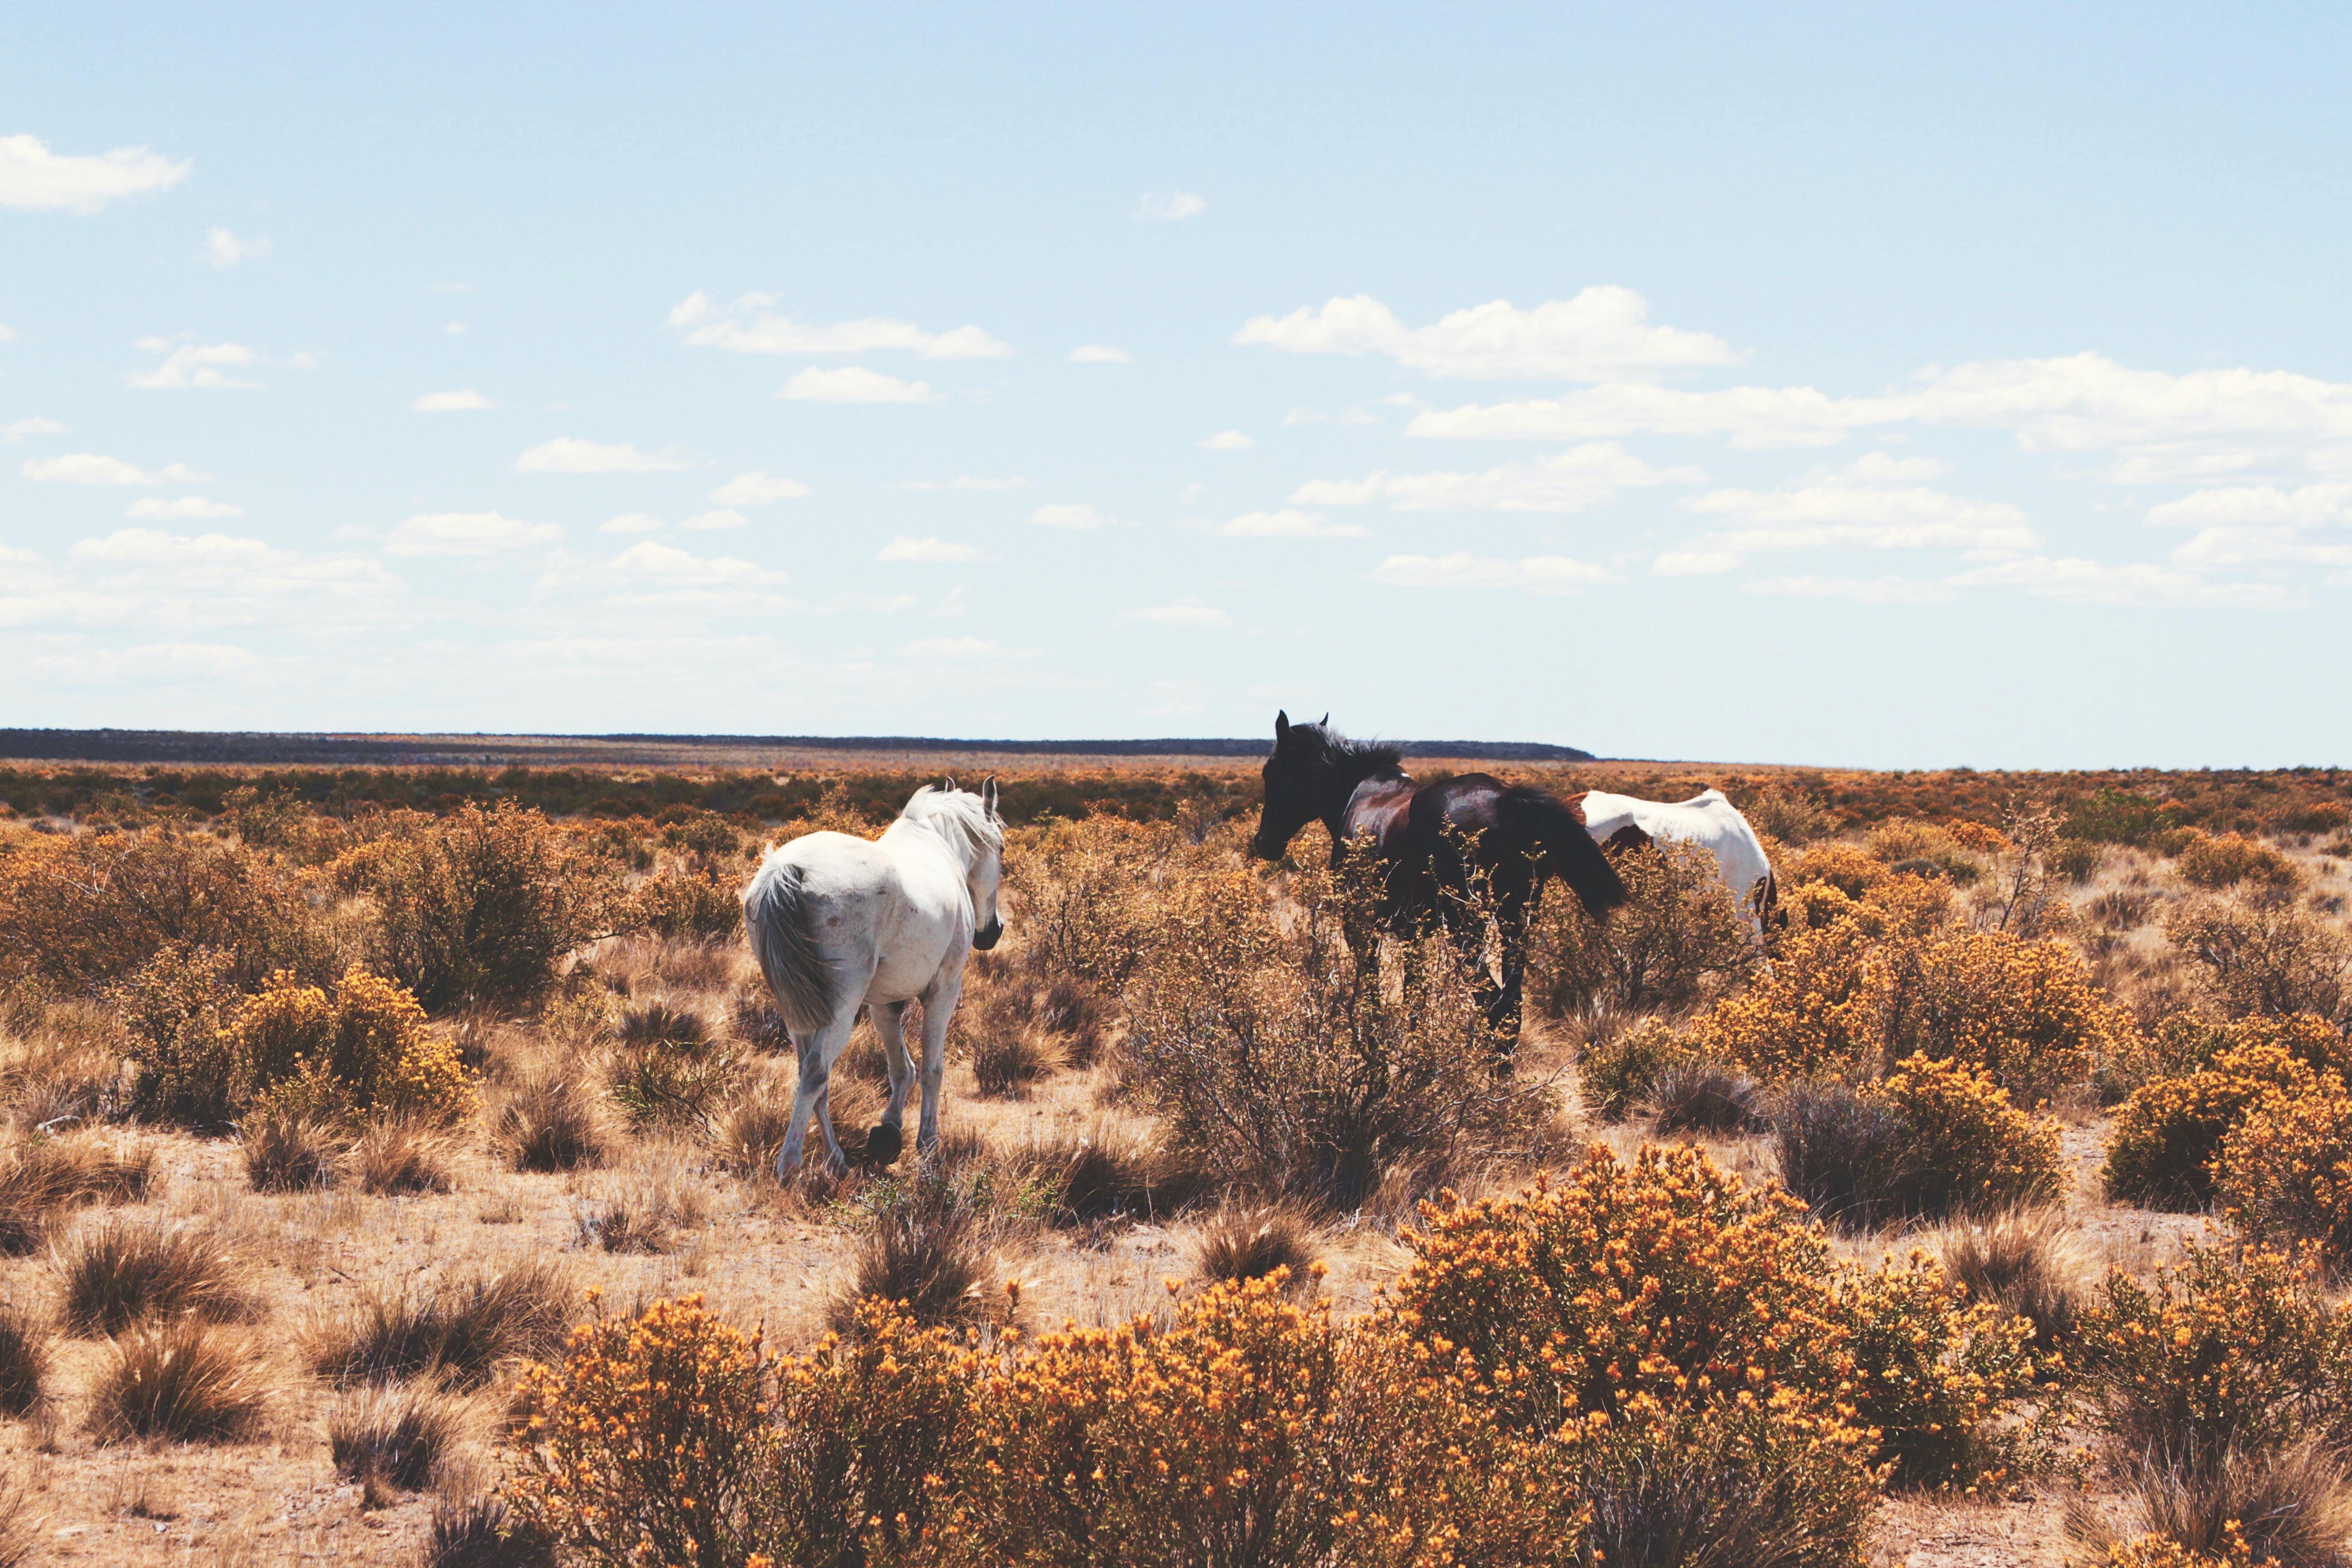 Three horses walking through a shrub-covered plain